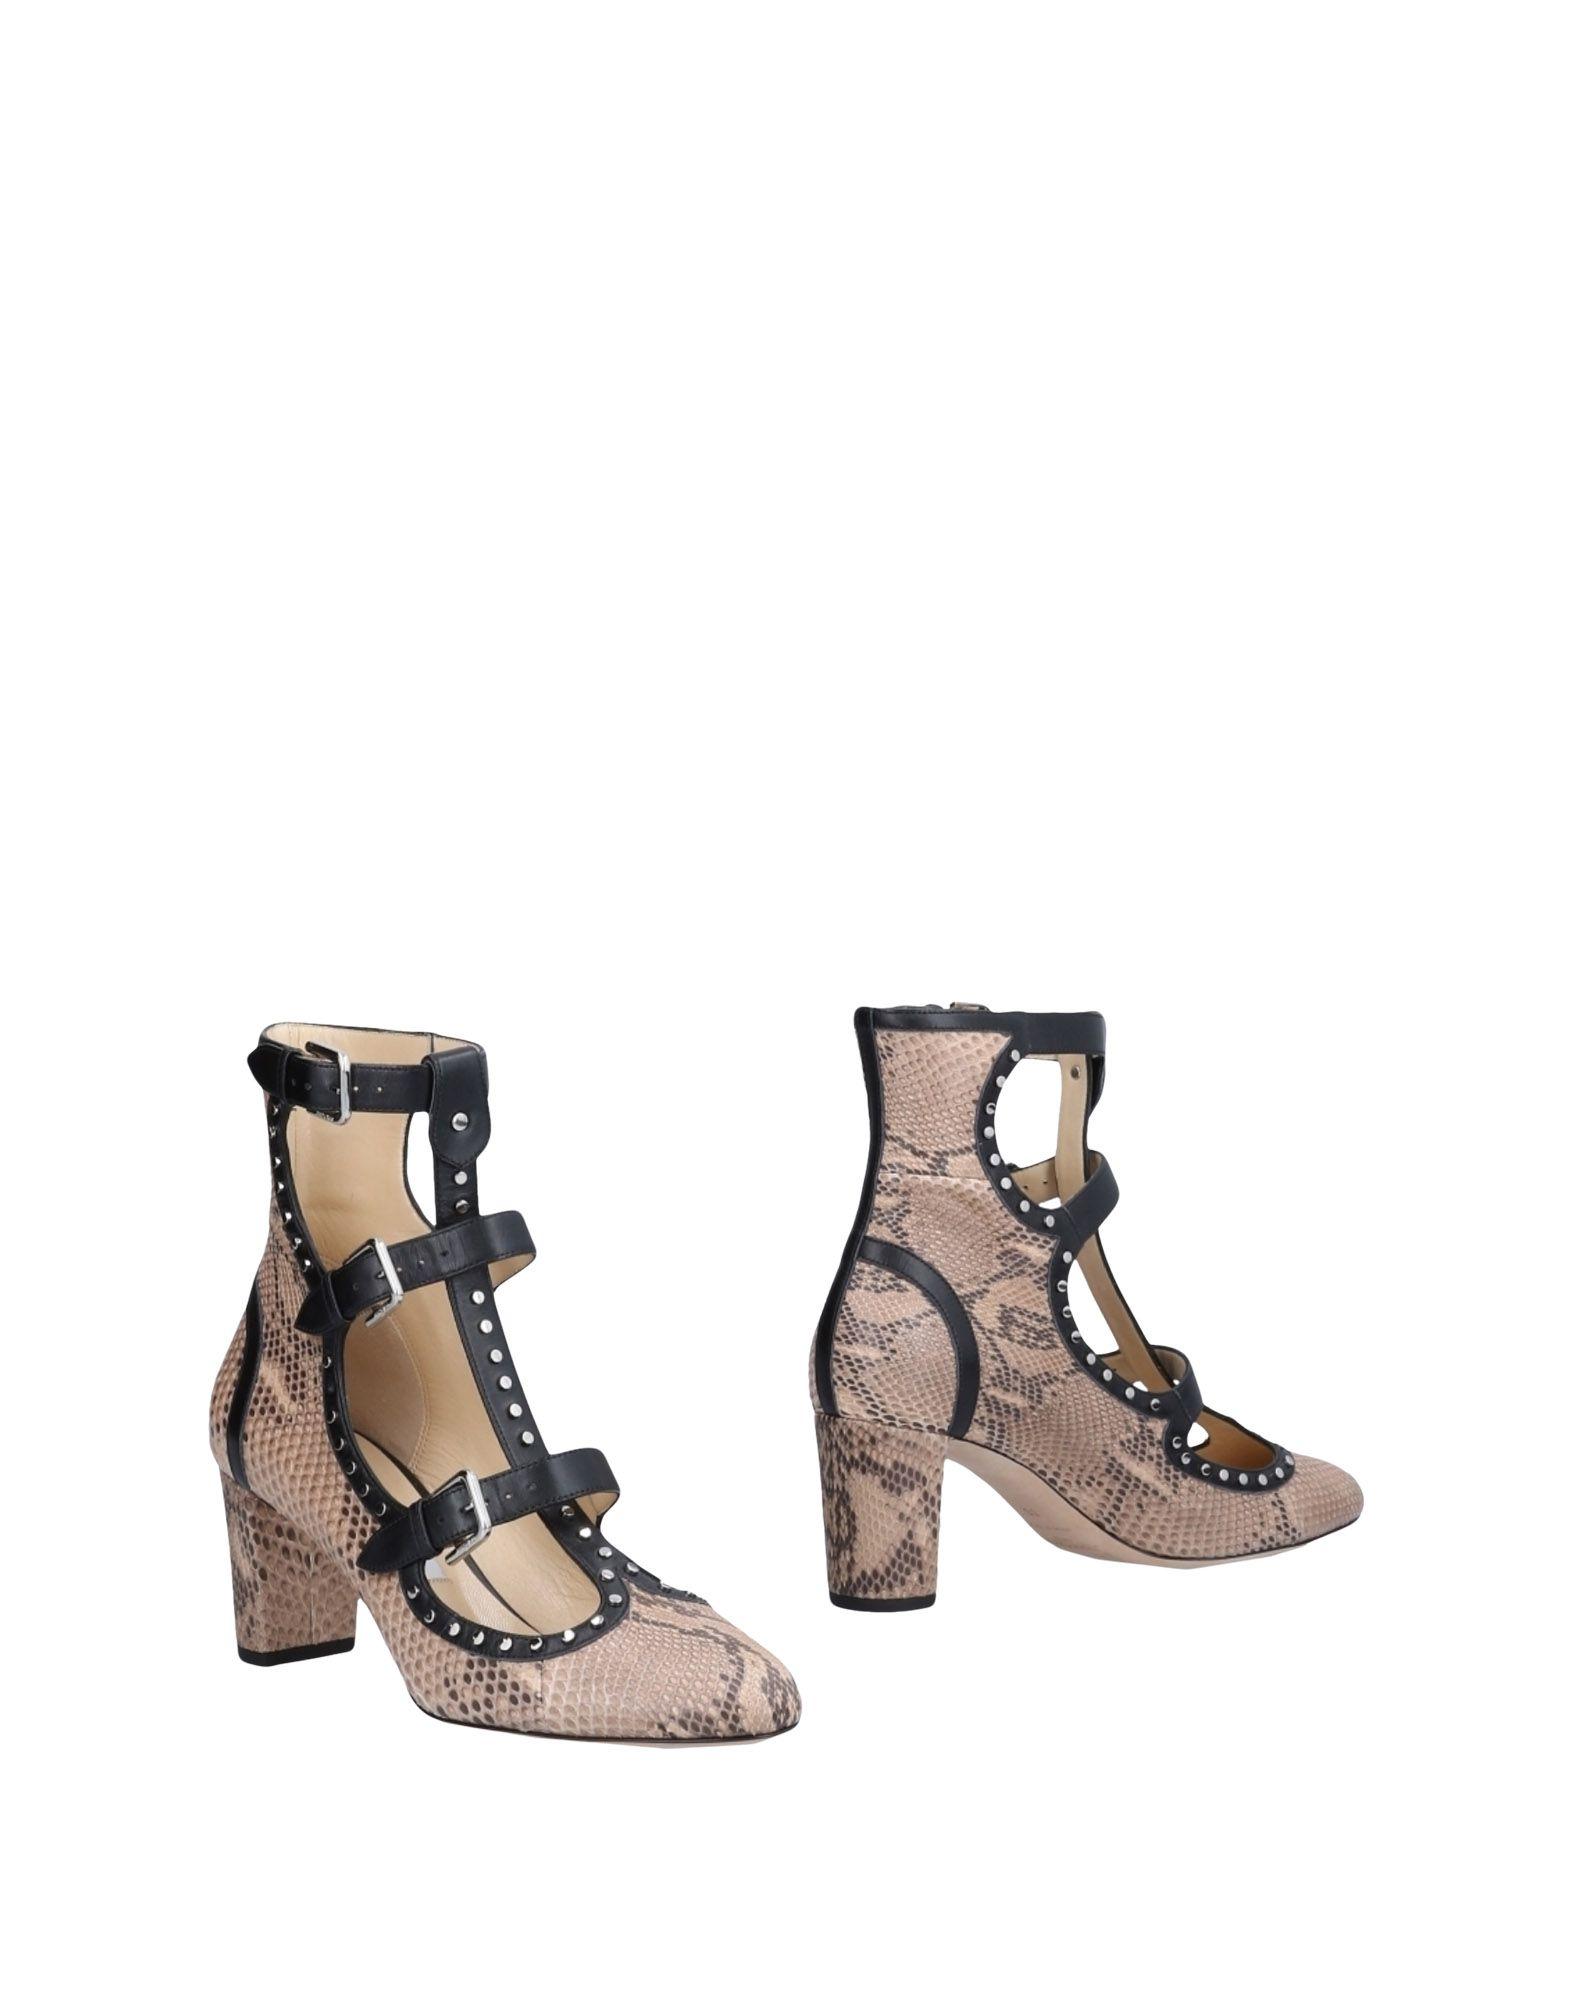 Jimmy Choo Stiefelette Damen  11490524MBGünstige gut aussehende Schuhe